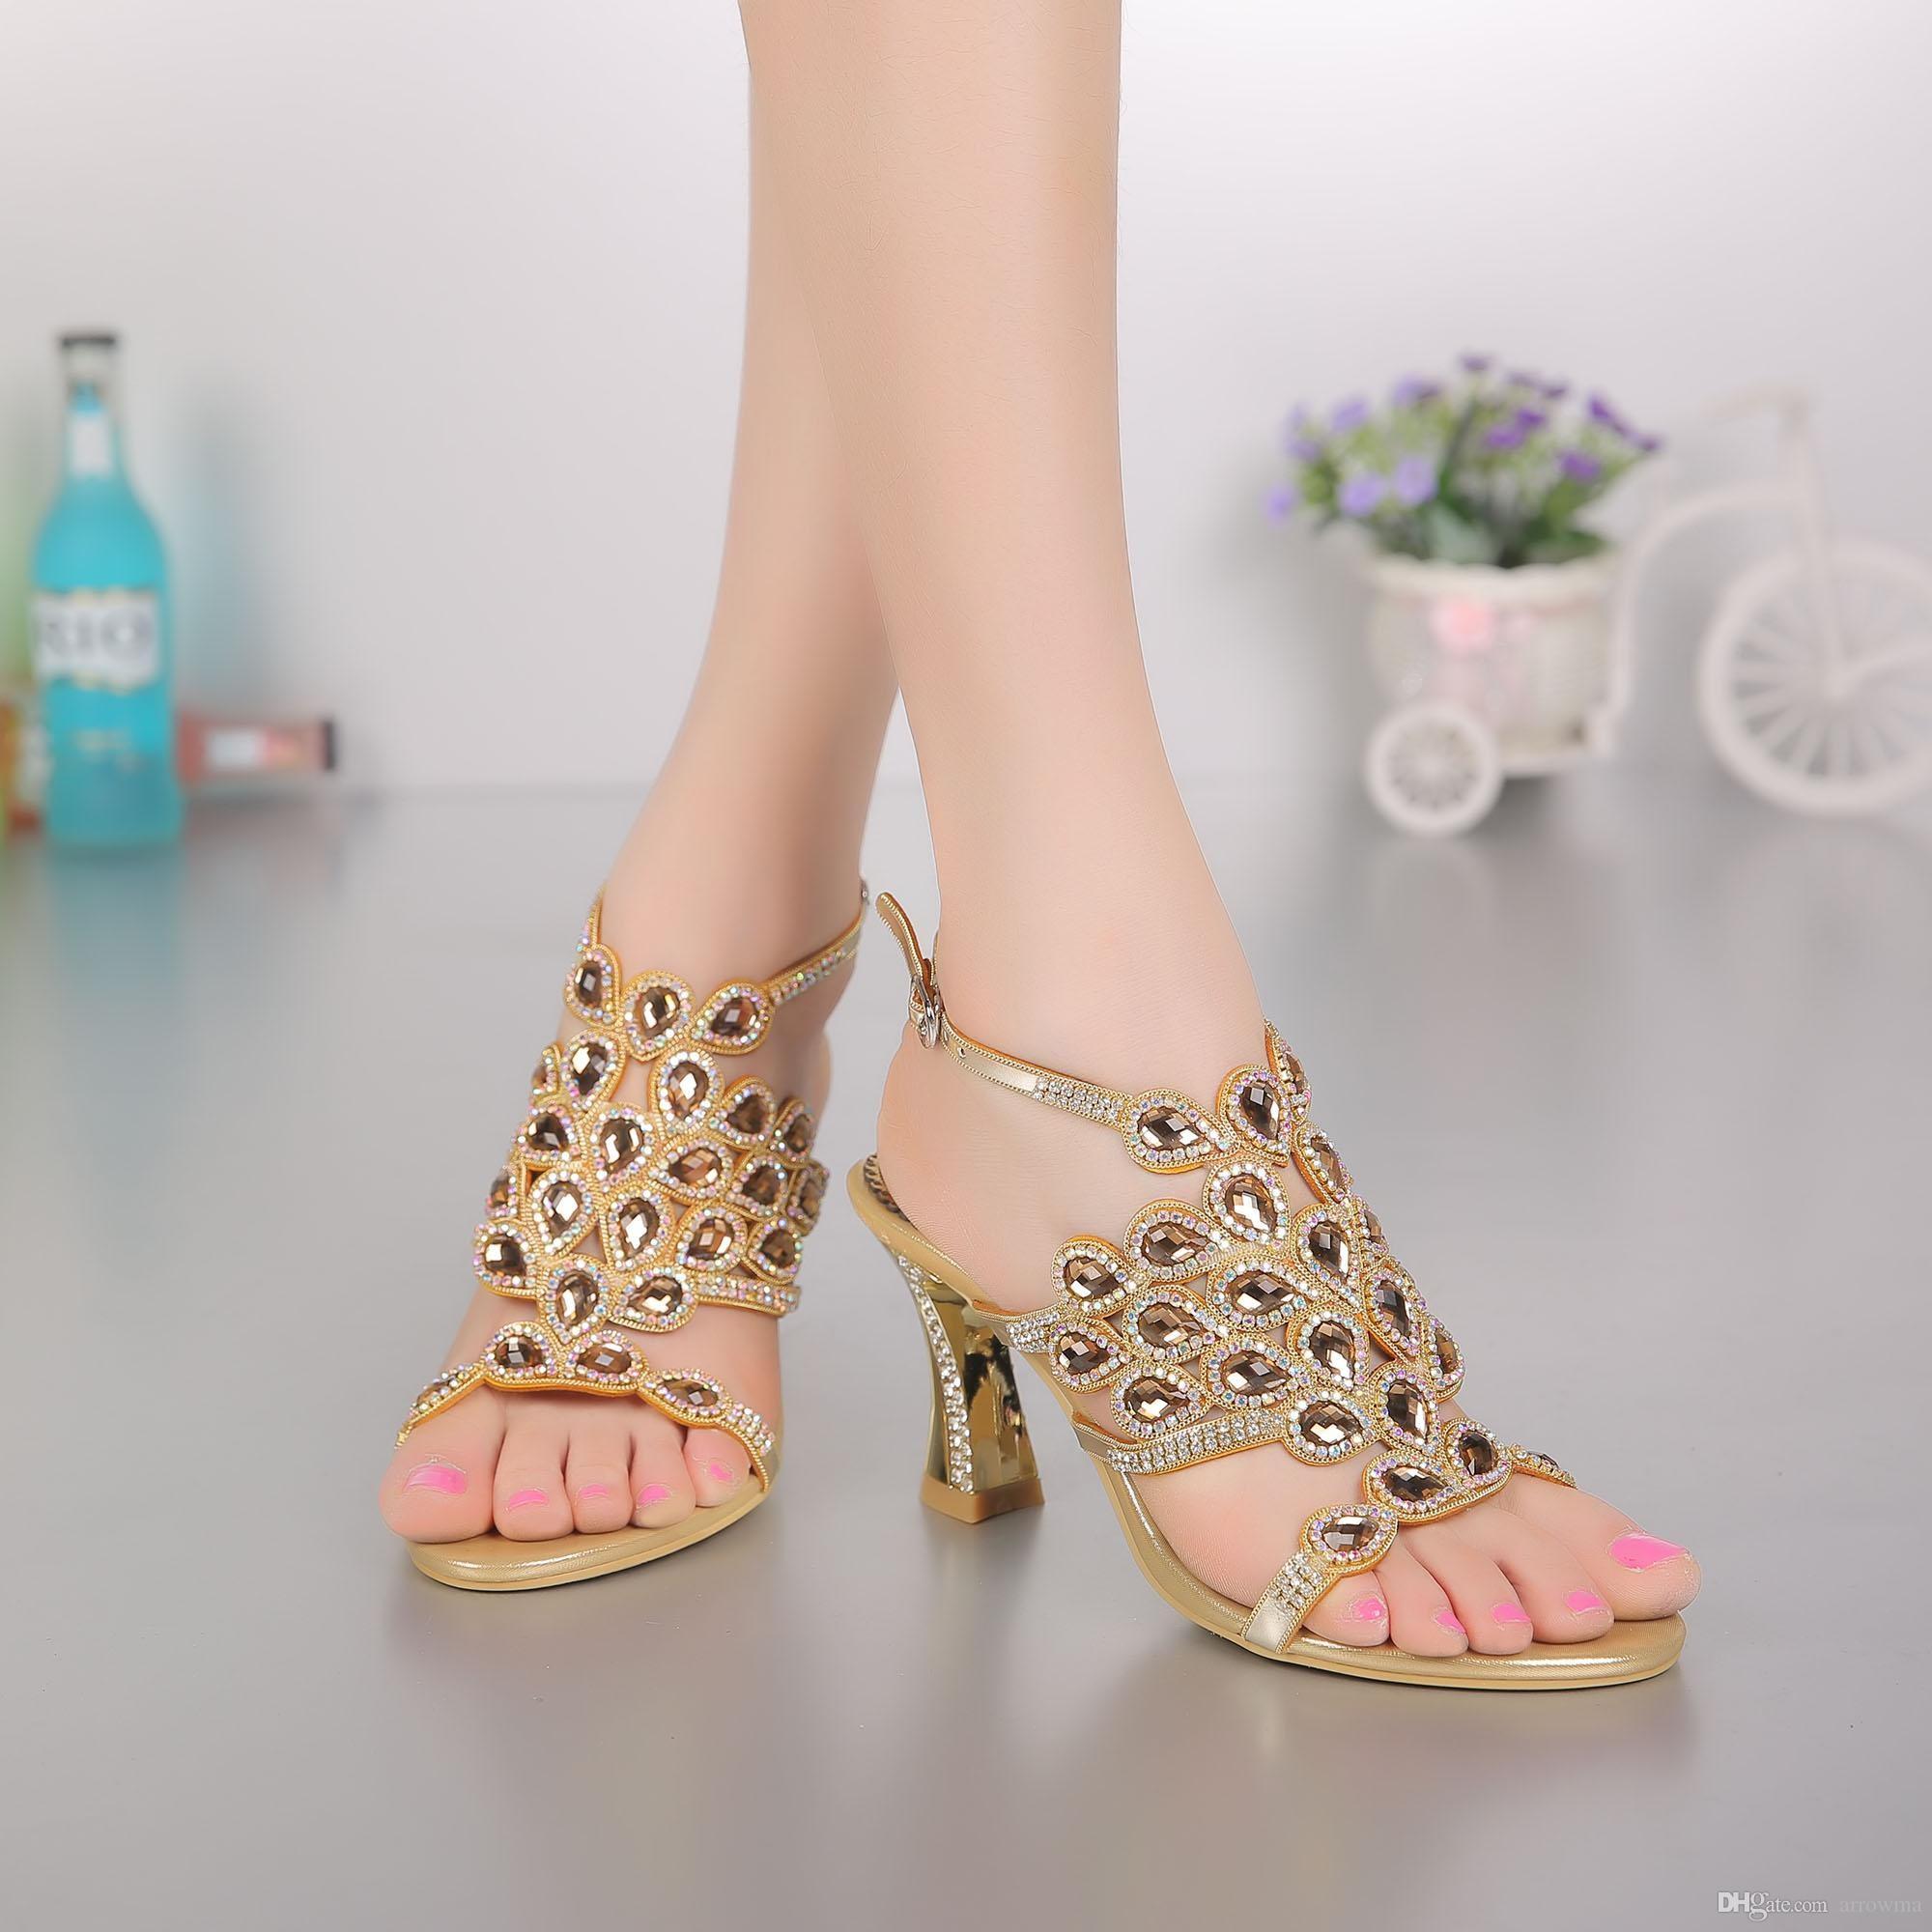 used wedding shoes photo - 1